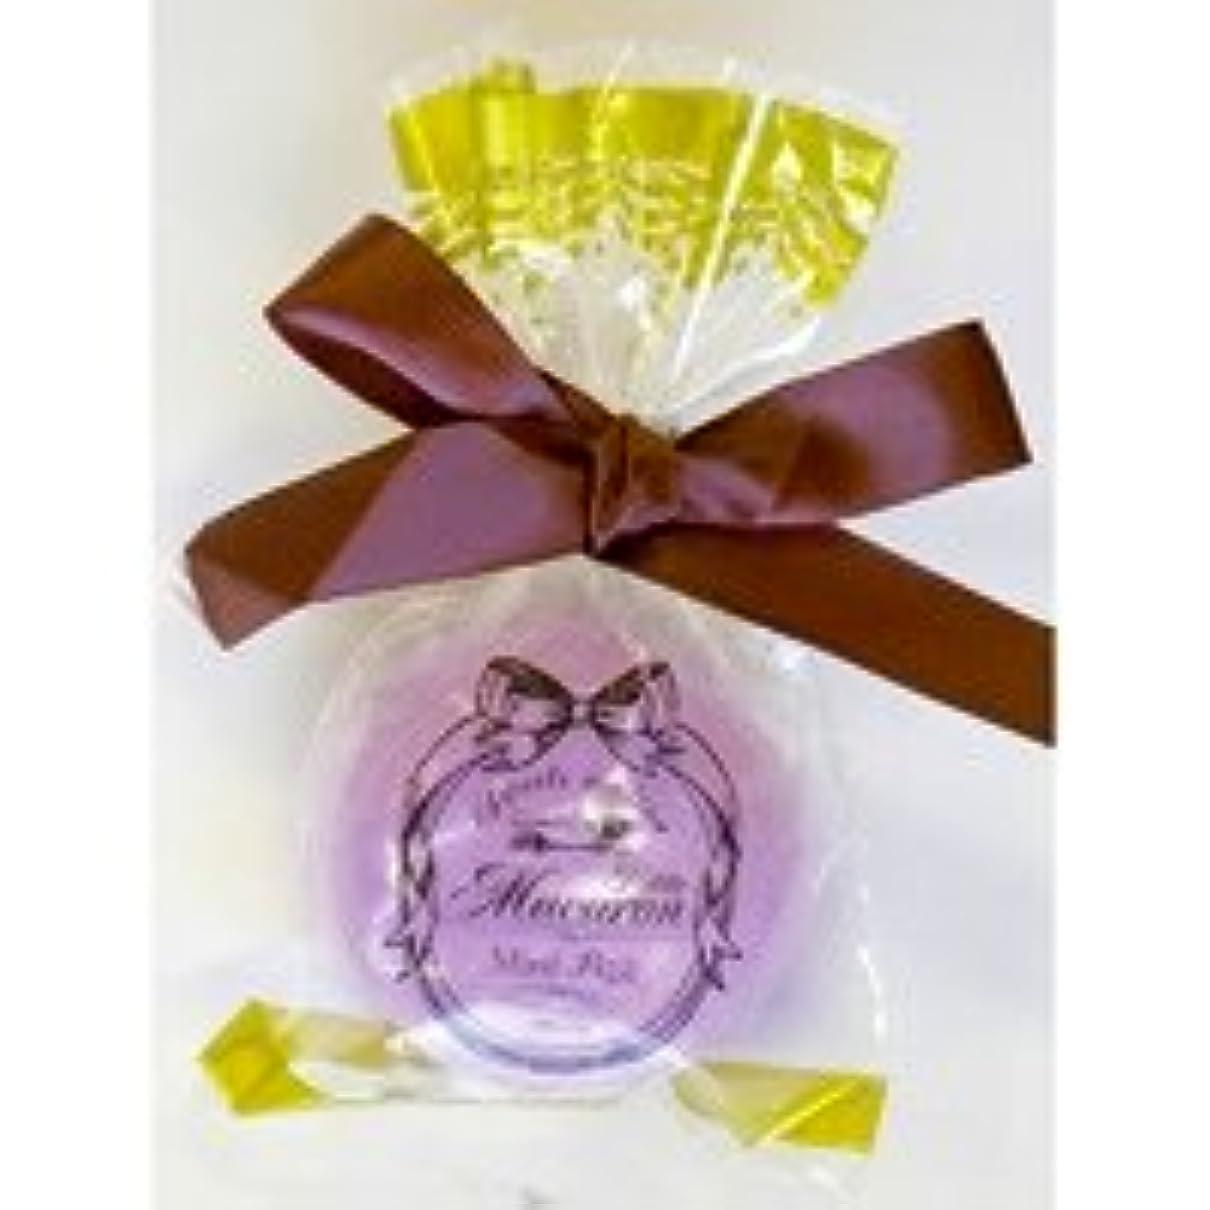 宝貢献フィドルスウィーツメゾン プチマカロンフィズ「パープル」12個セット フルーティーなザクロの香り